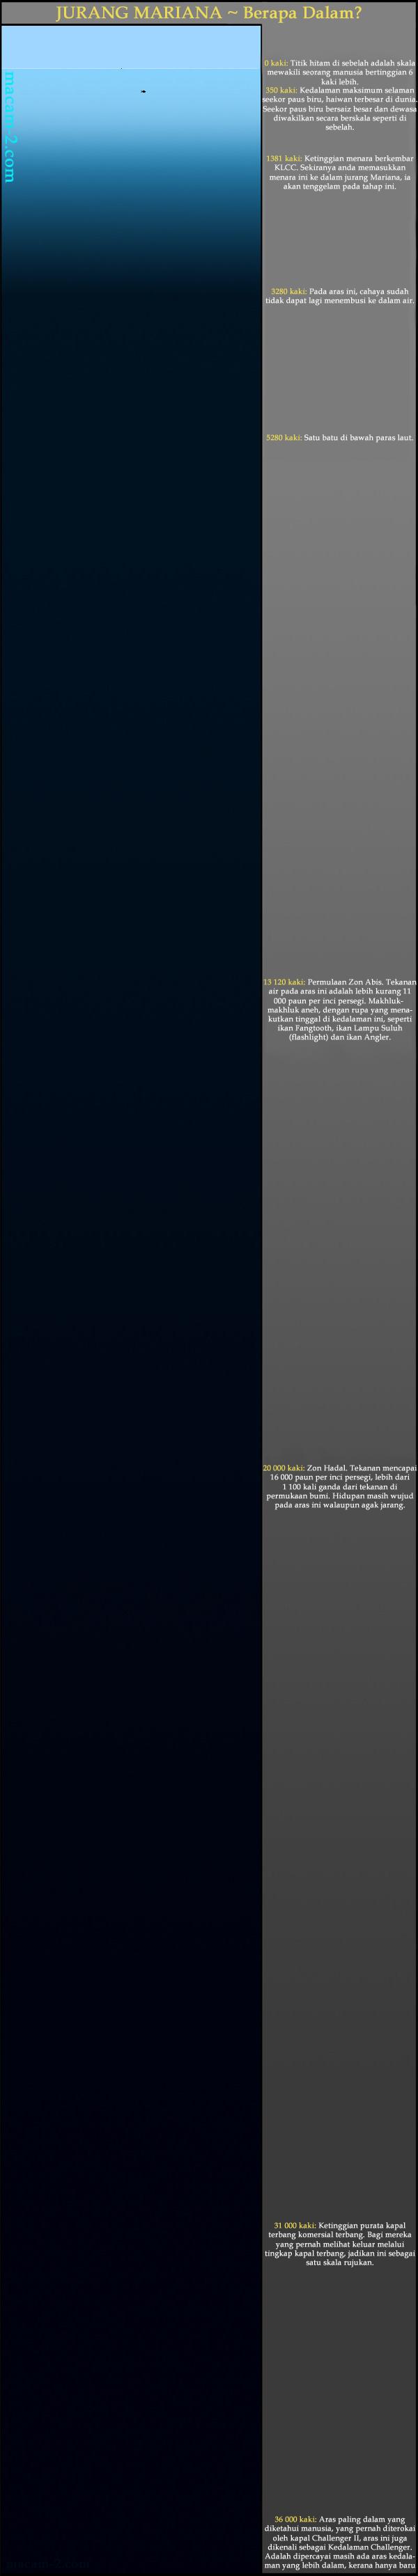 Jurang Mariana – Berapa dalam Lautan Kita?  0 kaki: Titik hitam di sebelah adalah skala mewakili seorang manusia bertinggian 6 kaki lebih.  350 kaki: Kedalaman maksimum selaman seekor paus biru, haiwan terbesar di dunia. Seekor paus biru bersaiz besar dan dewasa diwakilkan secara berskala seperti di sebelah.  1381 kaki: Ketinggian menara berkembar KLCC. Sekiranya anda memasukkan menara ini ke dalam jurang Mariana, ia akan tenggelam pada tahap ini.  3280 kaki: Pada aras ini, cahaya sudah tidak dapat lagi menembusi ke dalam air.  5280 kaki: Satu batu di bawah paras laut.  13 120 kaki: Permulaan Zon Abis. Tekanan air pada aras ini adalah lebih kurang 11 000 paun per inci persegi. Makhluk-makhluk aneh, dengan rupa yang menakutkan tinggal di kedalaman ini, seperti ikan Fangtooth, ikan Lampu Suluh (flash light) dan ikan Angler.  20 000 kaki: Zon Hadal. Tekanan mencapai 16 000 paun per inci persegi, lebih dari 1 100 kali ganda dari tekanan di permukaan bumi. Hidupan masih wujud pada aras ini walaupun jarang.  31 000 kaki: Ketinggian purata kapal terbang komersial terbang. Bagi mereka yang pernah melihat keluar melalui tingkap kapal terbang, jadikan ini satu skala rujukan.  36 000 kaki: Aras paling dalam yang diketahui manusia, yang pernah diterokai oleh kapal Challenger II, aras ini juga dikenali sebagai Kedalaman Challenger. Adalah dipercayai masih ada aras kedalaman yang lebih dalam, kerana hanya baru 10% sahaja dari lautan dipetakan.